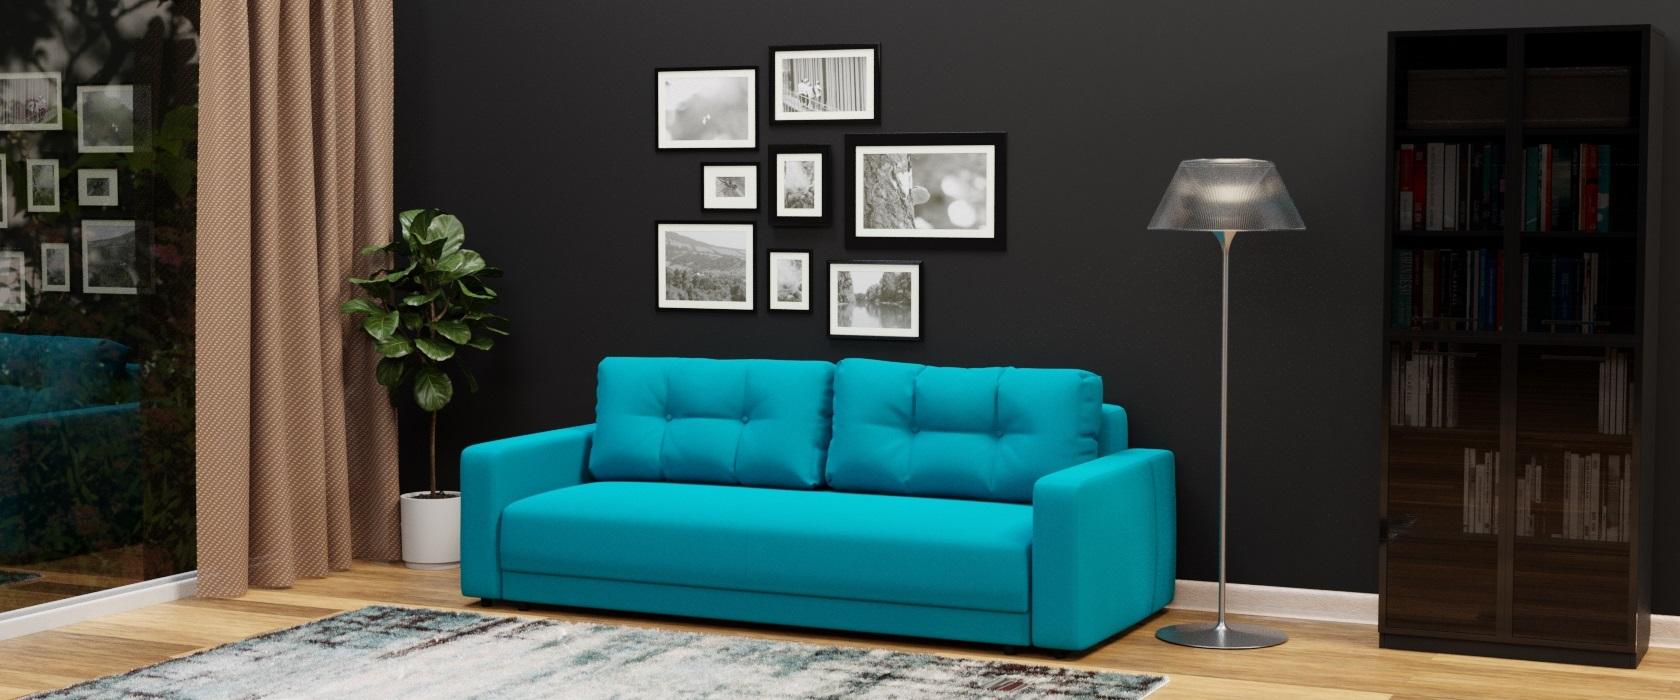 Трехместный диван Famiglia - Фото 1 - Pufetto